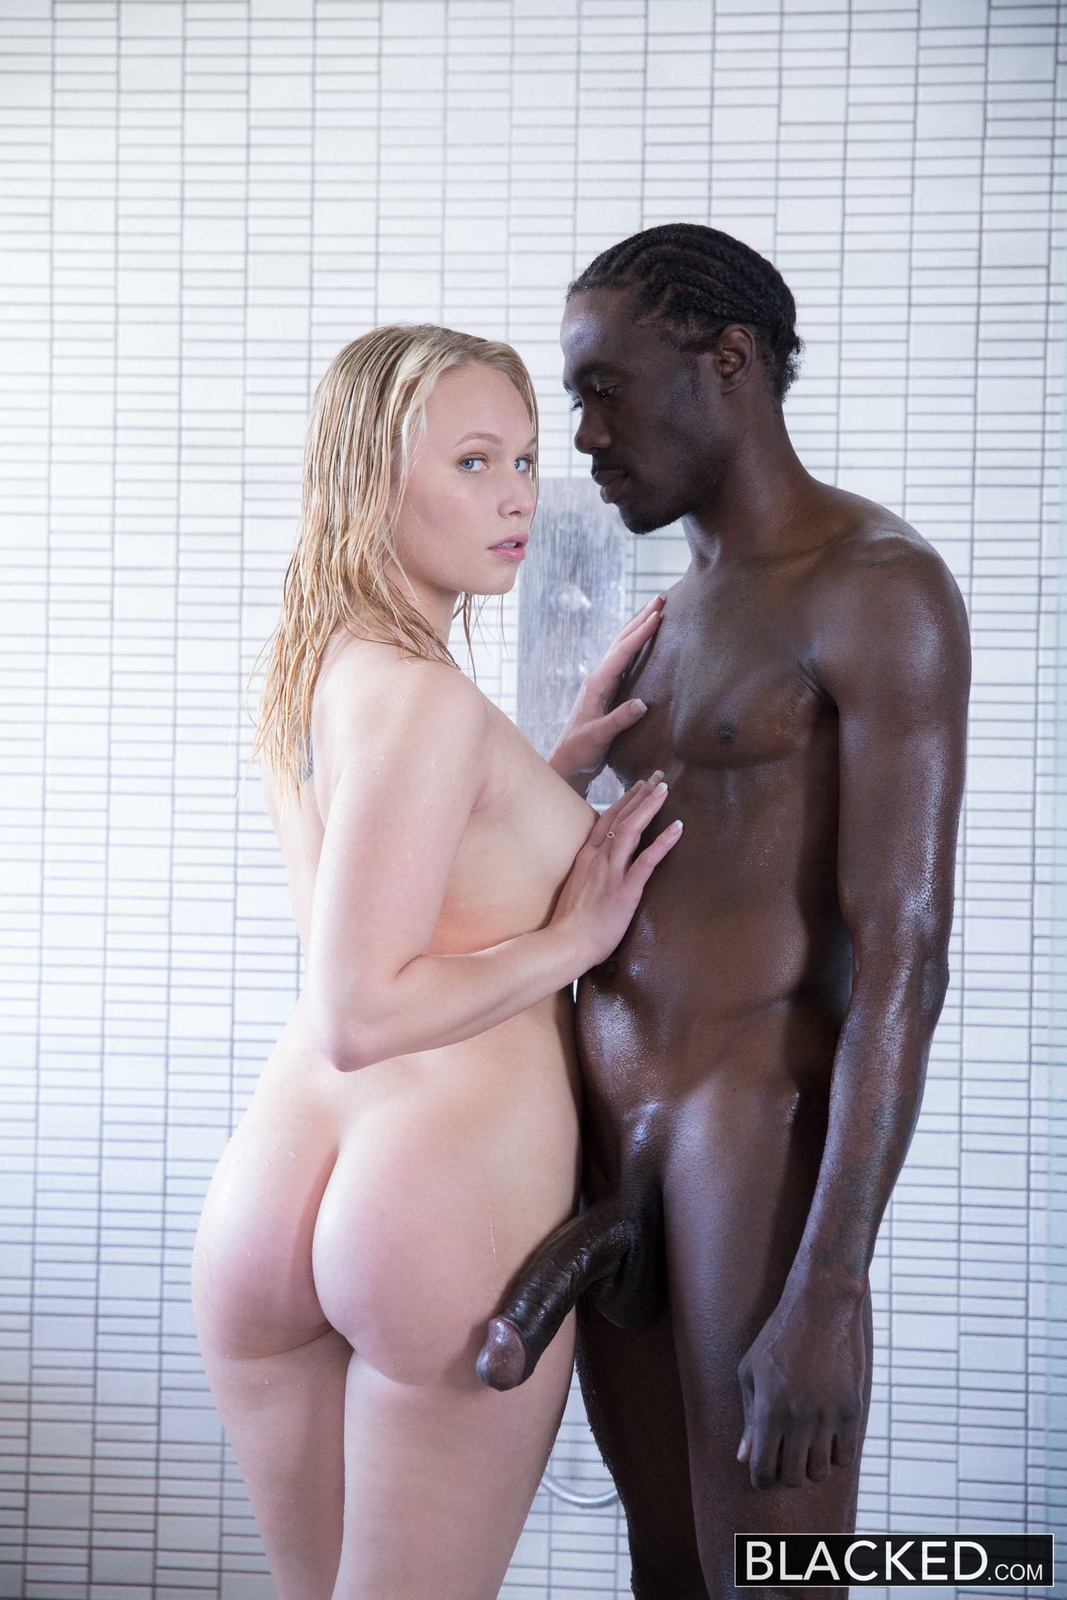 Negro Sex Teen 17